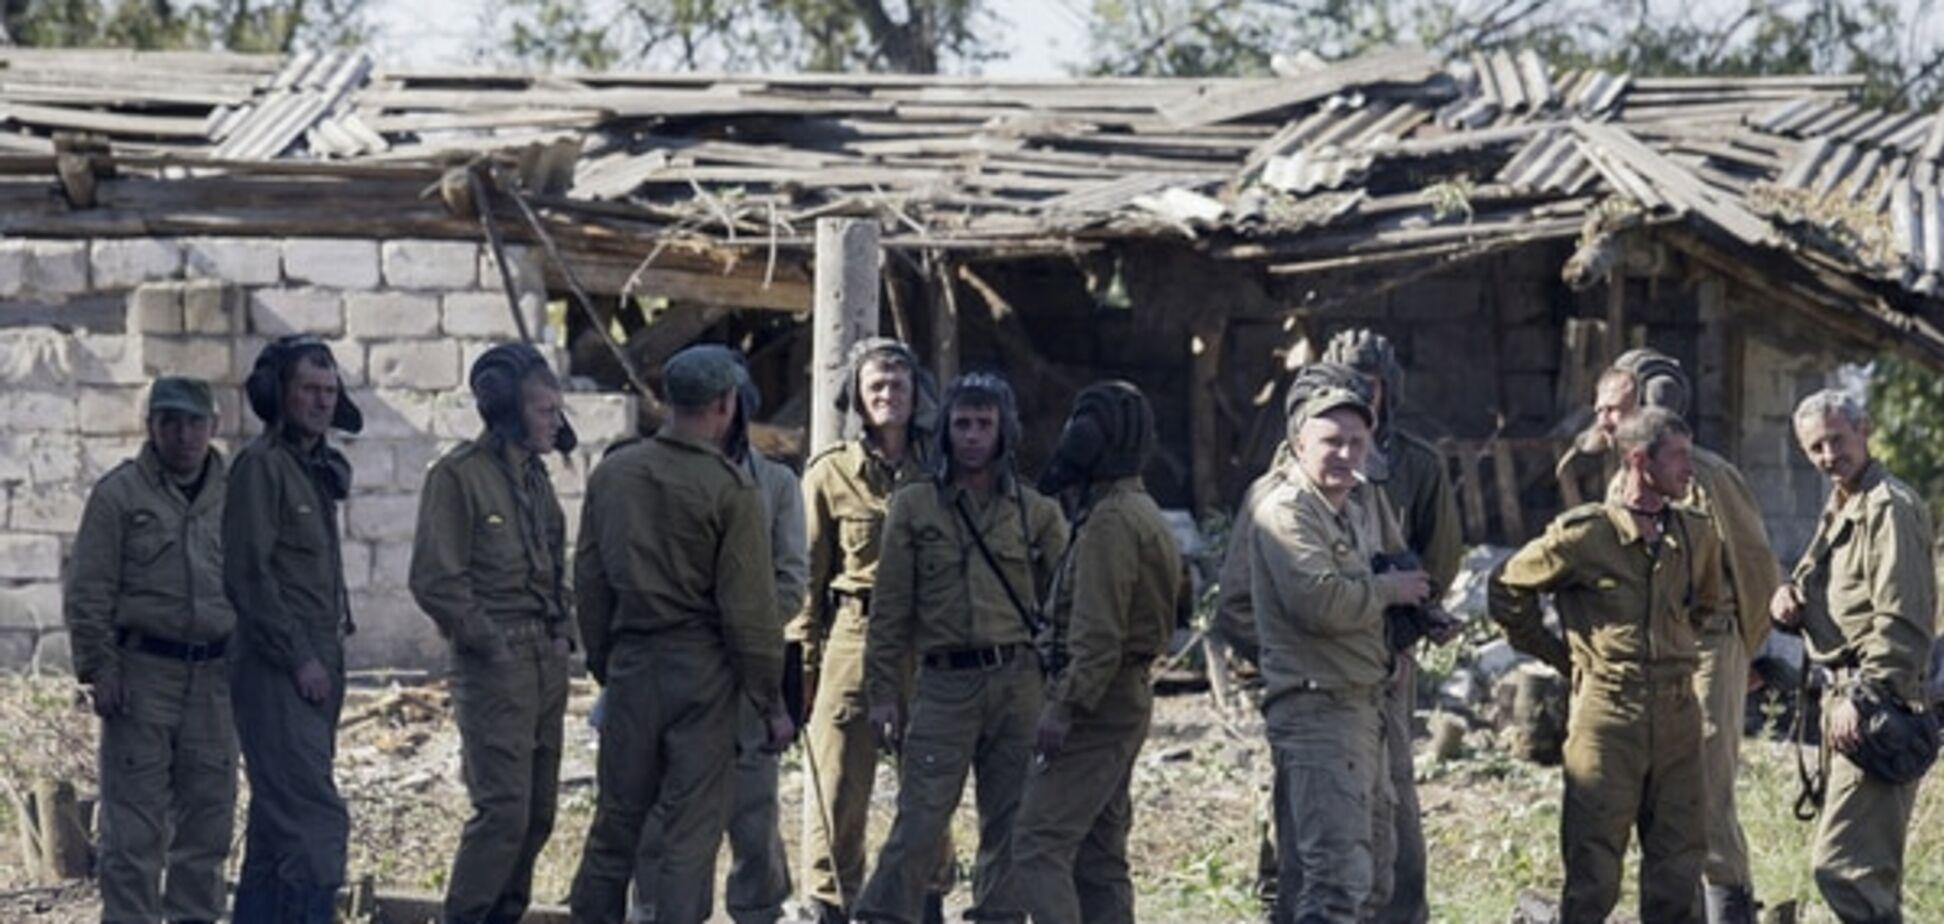 Терористи обурені через заборону стріляти по силам АТО на Донбасі